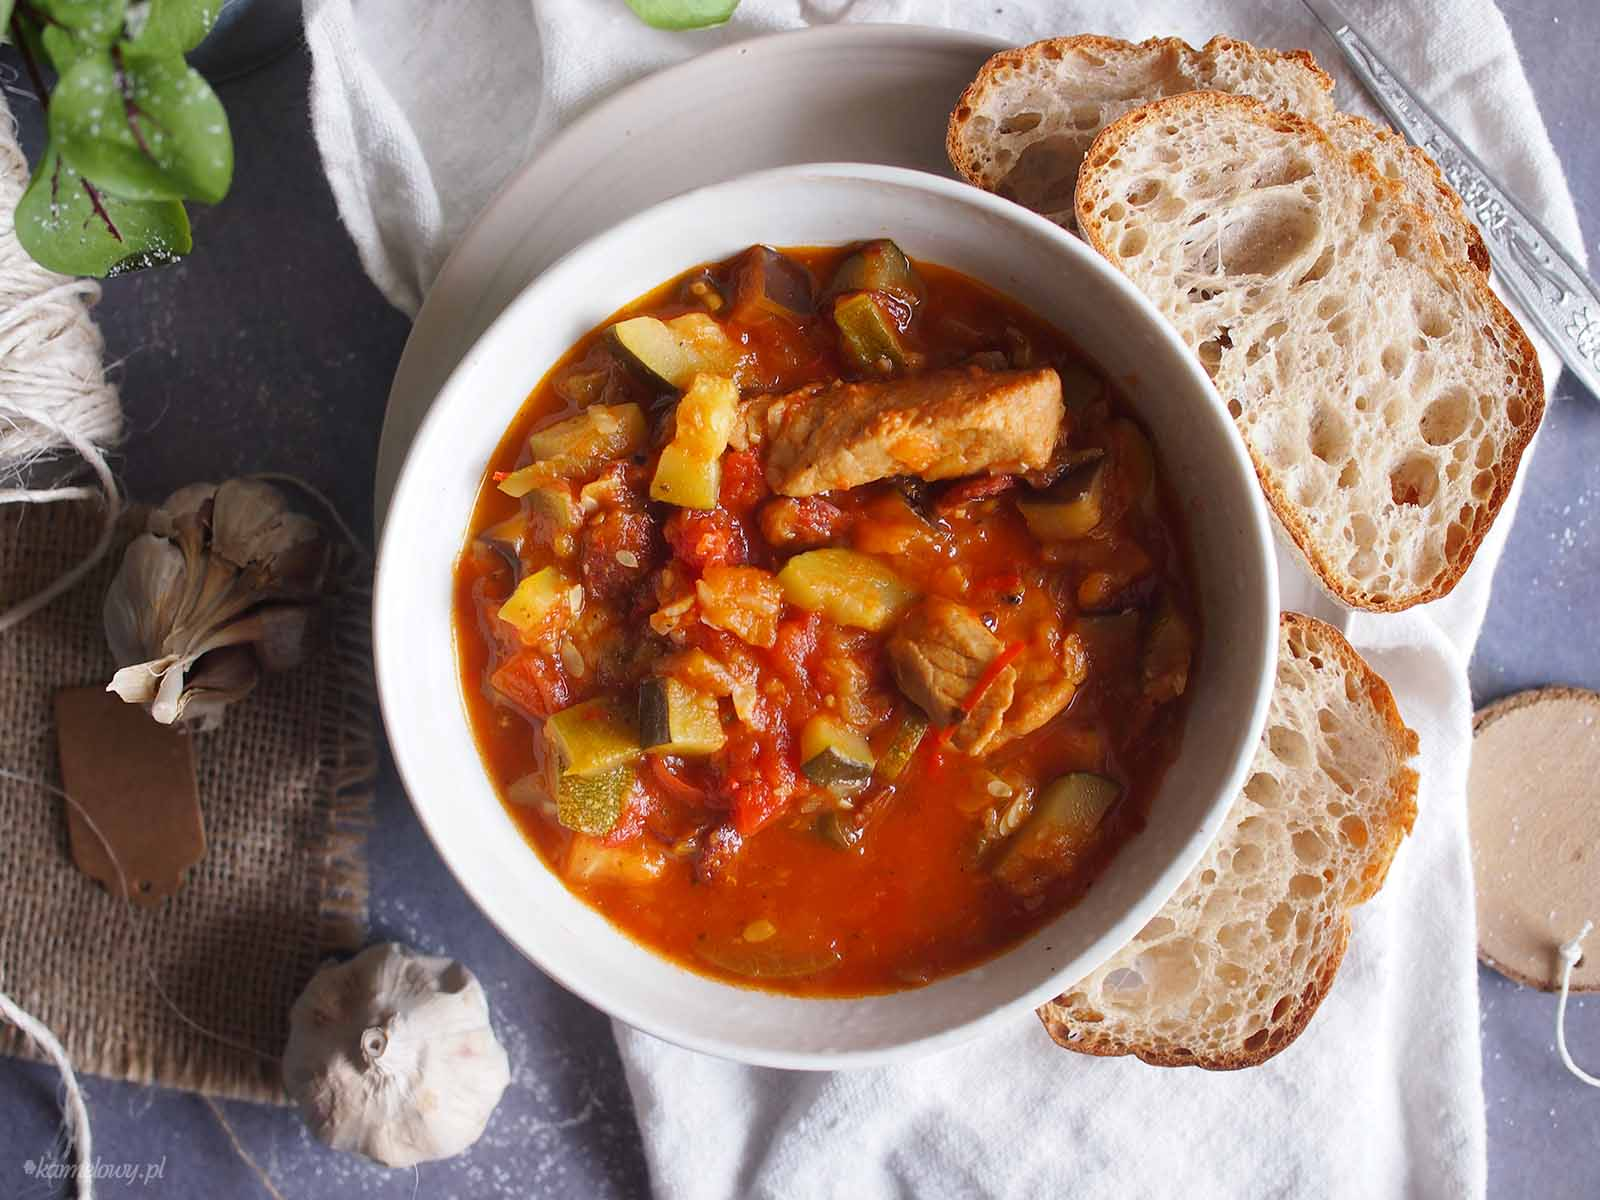 Leczo-z-cukinii-z-miesem-Meaty-zucchini-stew